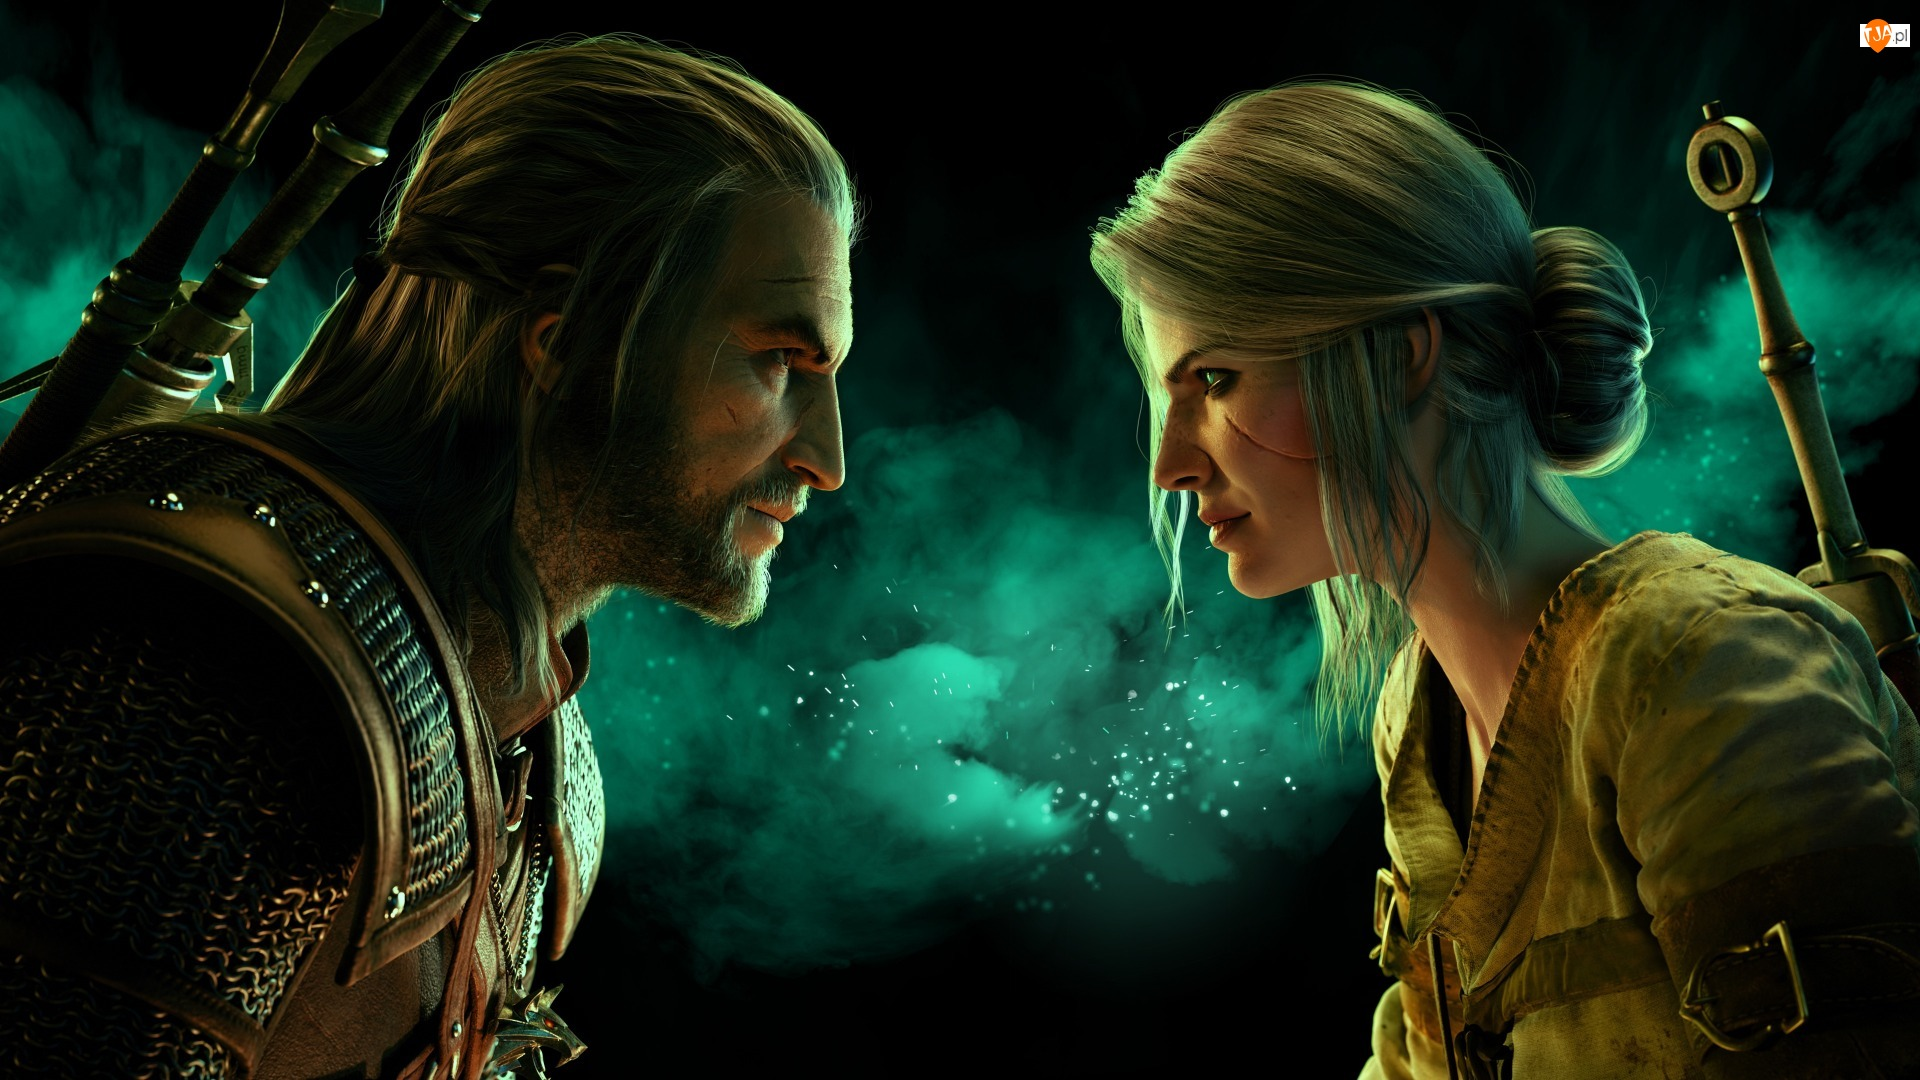 Wiedźmin 3 Dziki Gon, Gra, Geralt z Rivii, Ciri, The Witcher 3 Wild Hunt, Czarodziejka